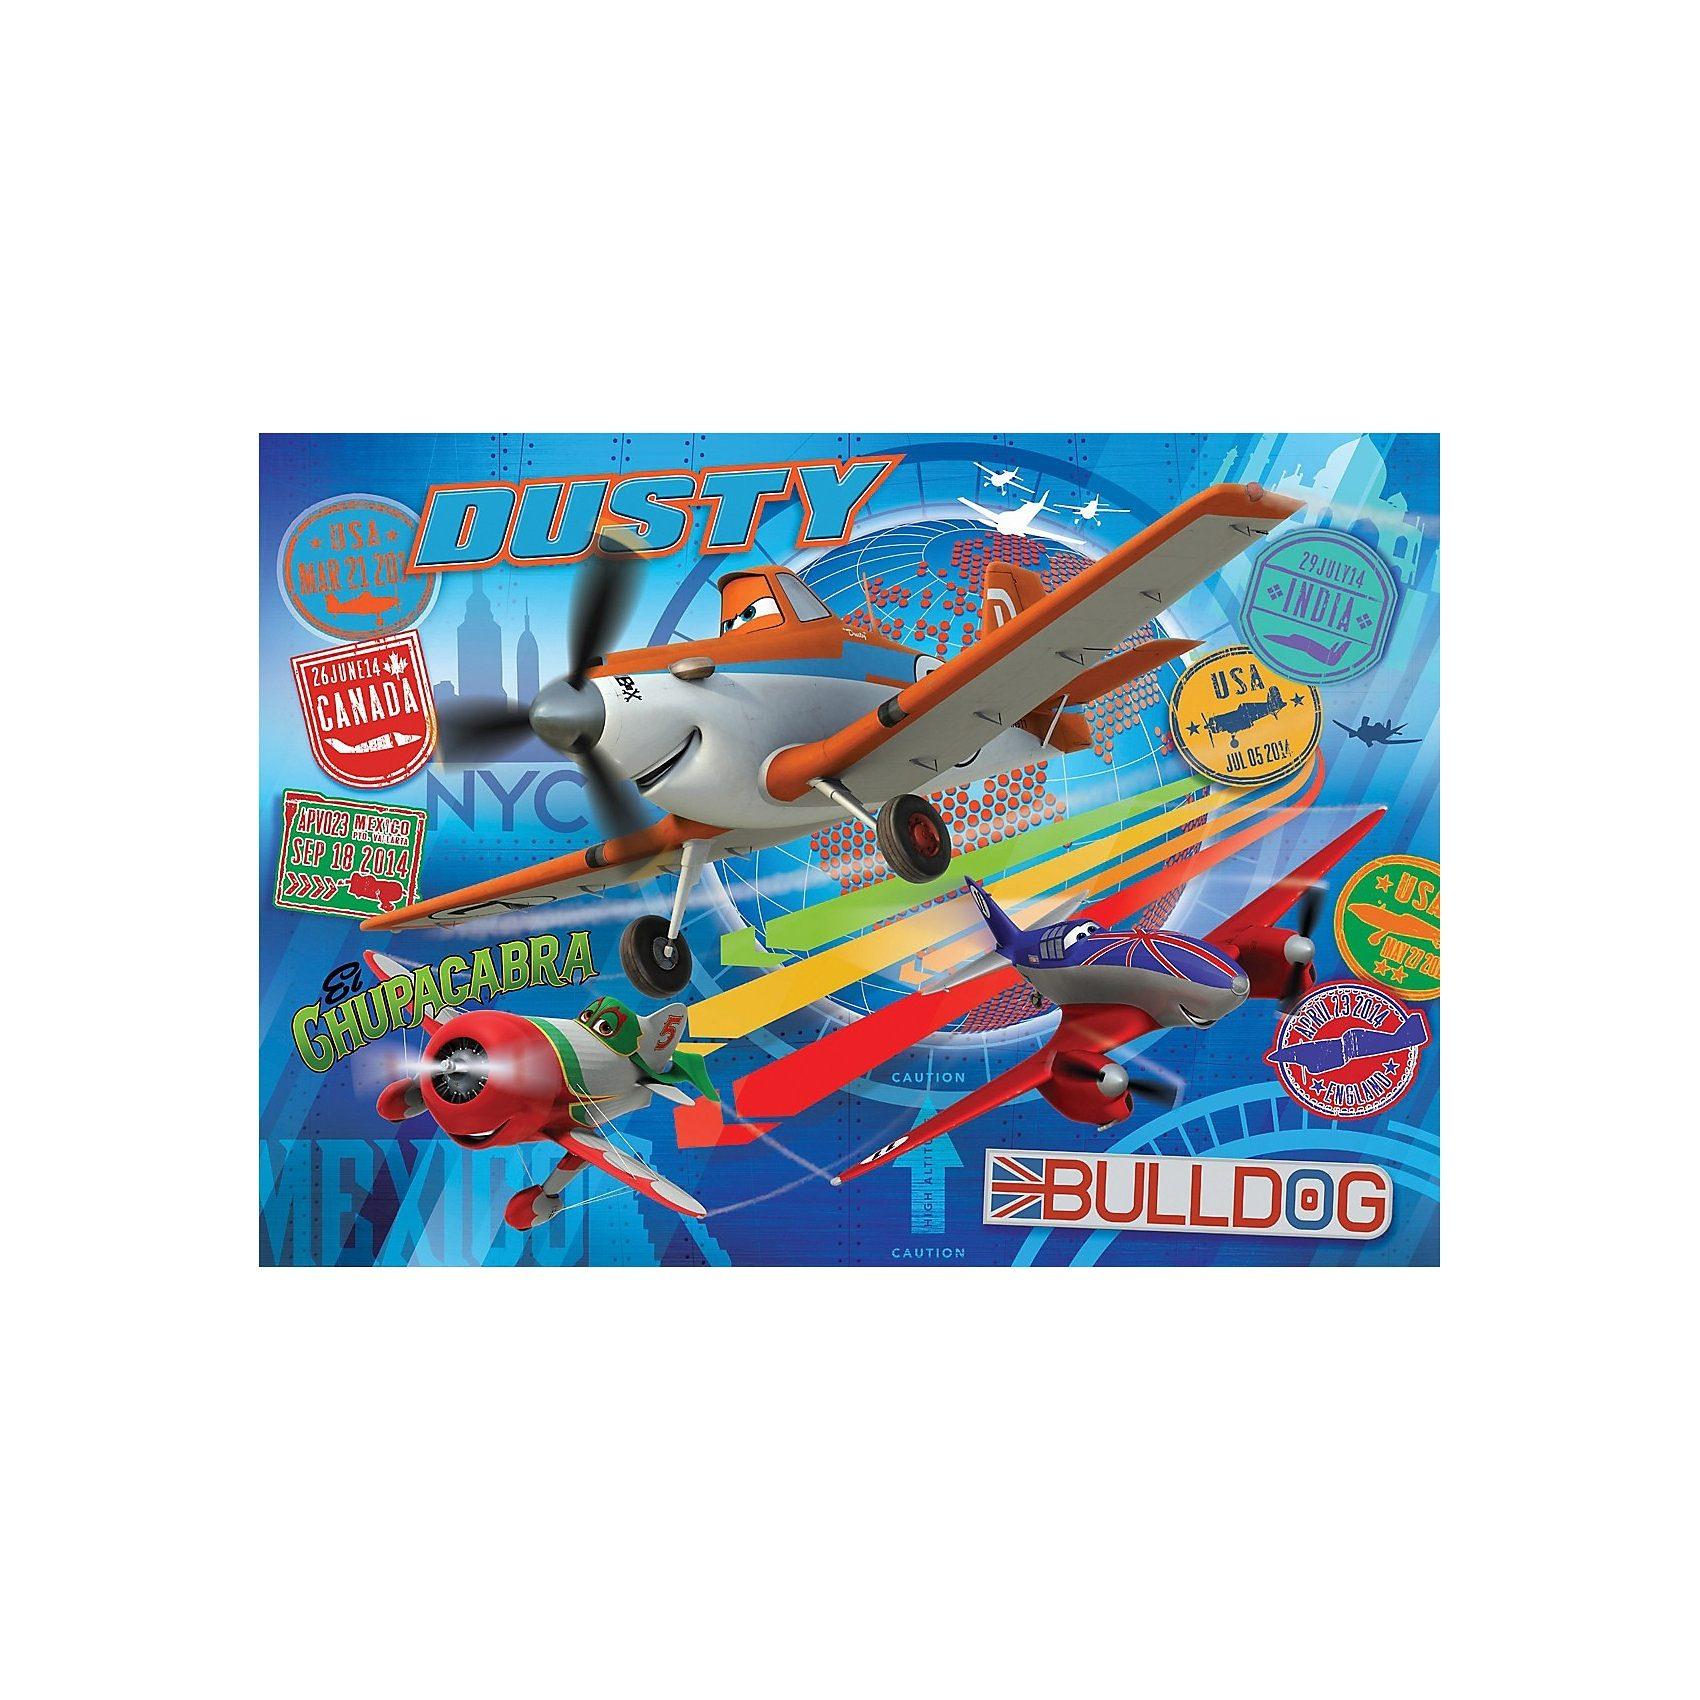 Clementoni 3D Puzzle VISION 104 Teile - Planes